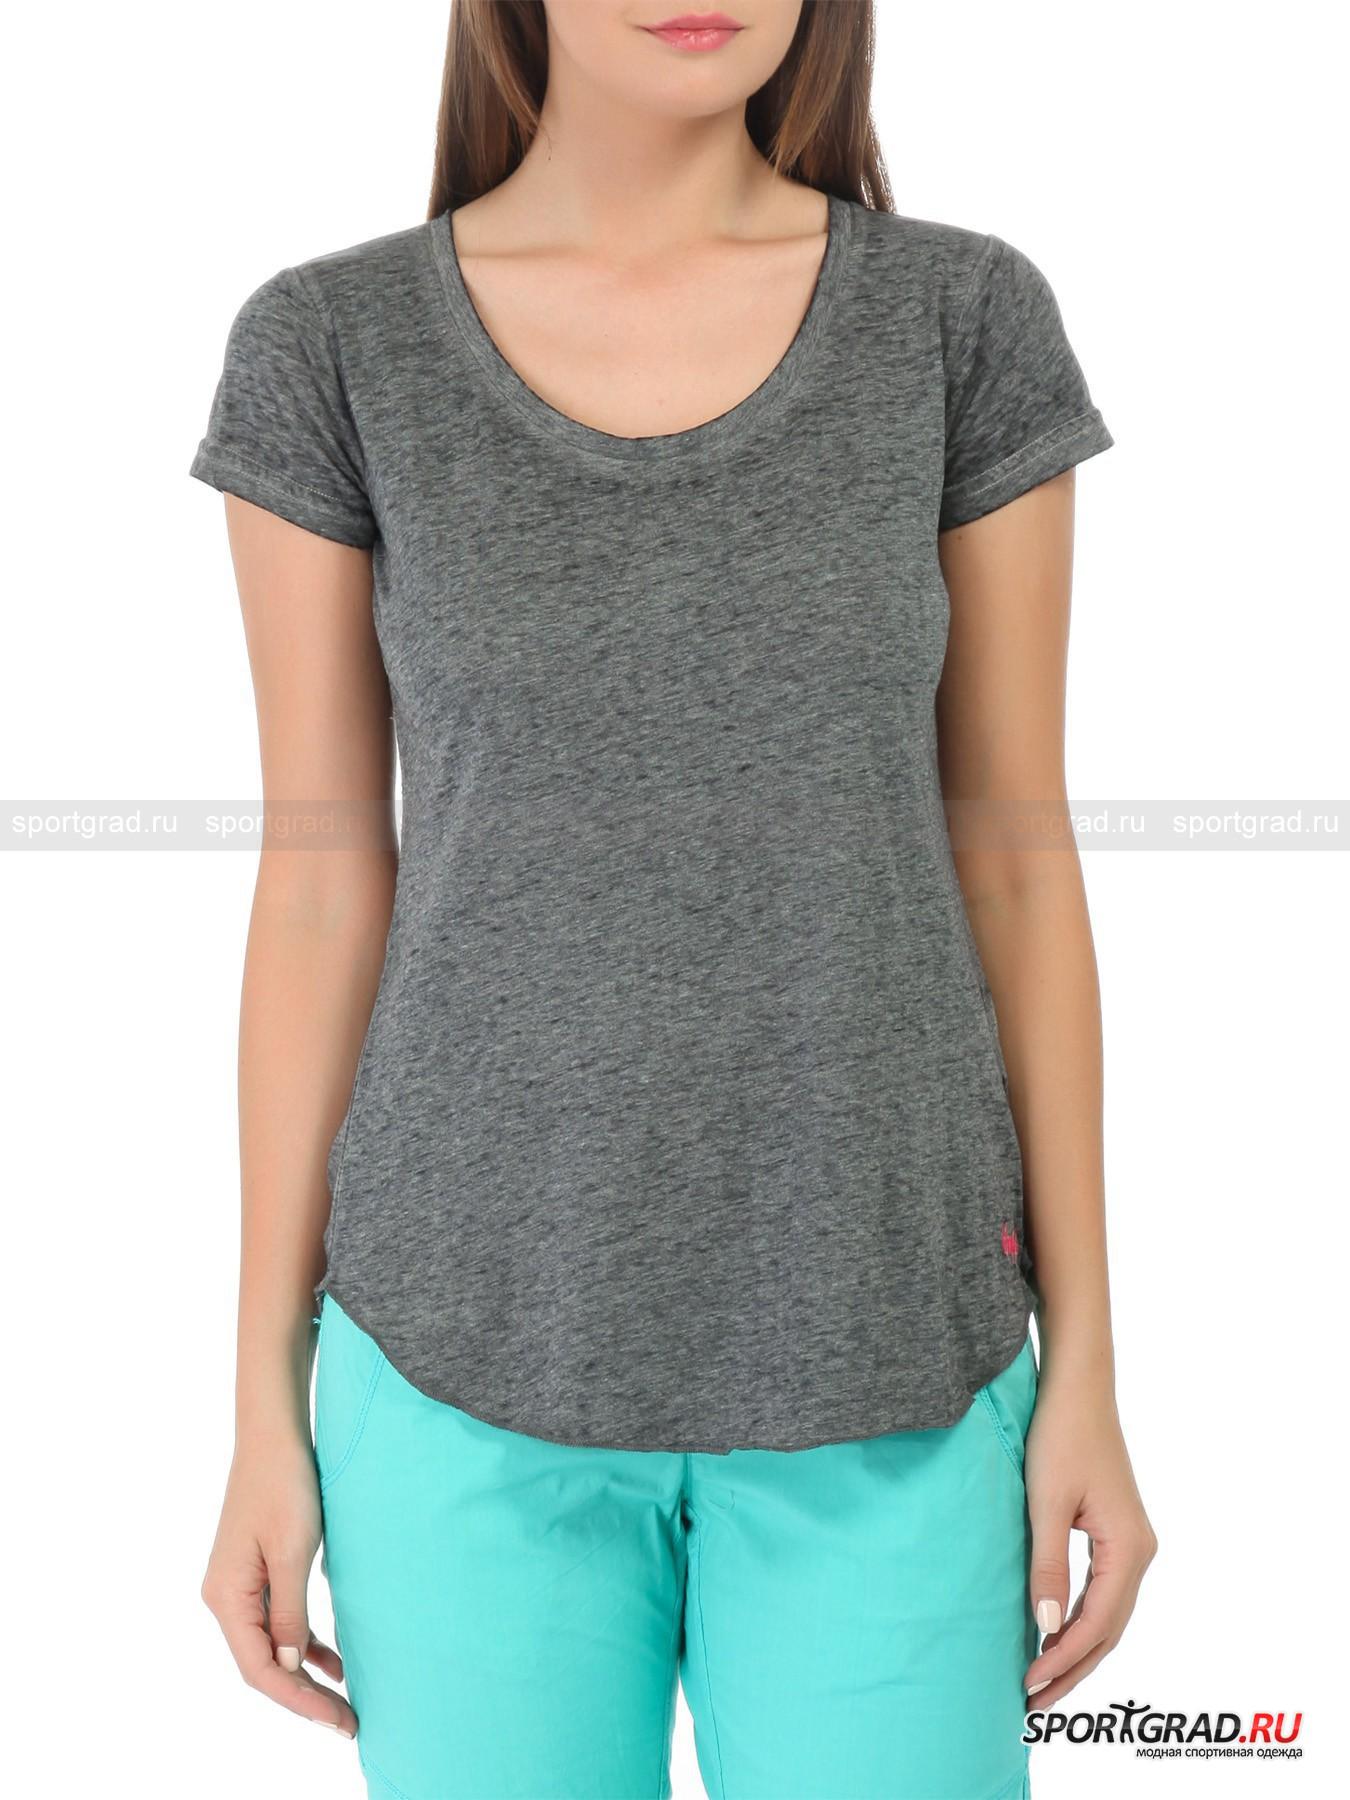 Футболка женская CMP CAMPAGNOLOФутболки<br>Свободно сидящая однотонная футболка CMP Campagnolo выглядит очень эффектно за счет неоднородной окраски, придающей вещи слегка винтажный вид, очень модный уж несколько лет подряд. Она тонкая, легкая  и потрясающе мягкая на ощупь  и подойдет как для повседневной носки, так и для тренировок.<br><br>Пол: Женский<br>Возраст: Взрослый<br>Тип: Футболки<br>Рекомендации по уходу: стирка в теплой воде до 40 С; не отбеливать; гладить слегка нагретым утюгом (температура до 110 C); химическая чистка влажным способом; нельзя выжимать и сушить в стиральной машине<br>Состав: 60% хлопок, 40% полиэстер